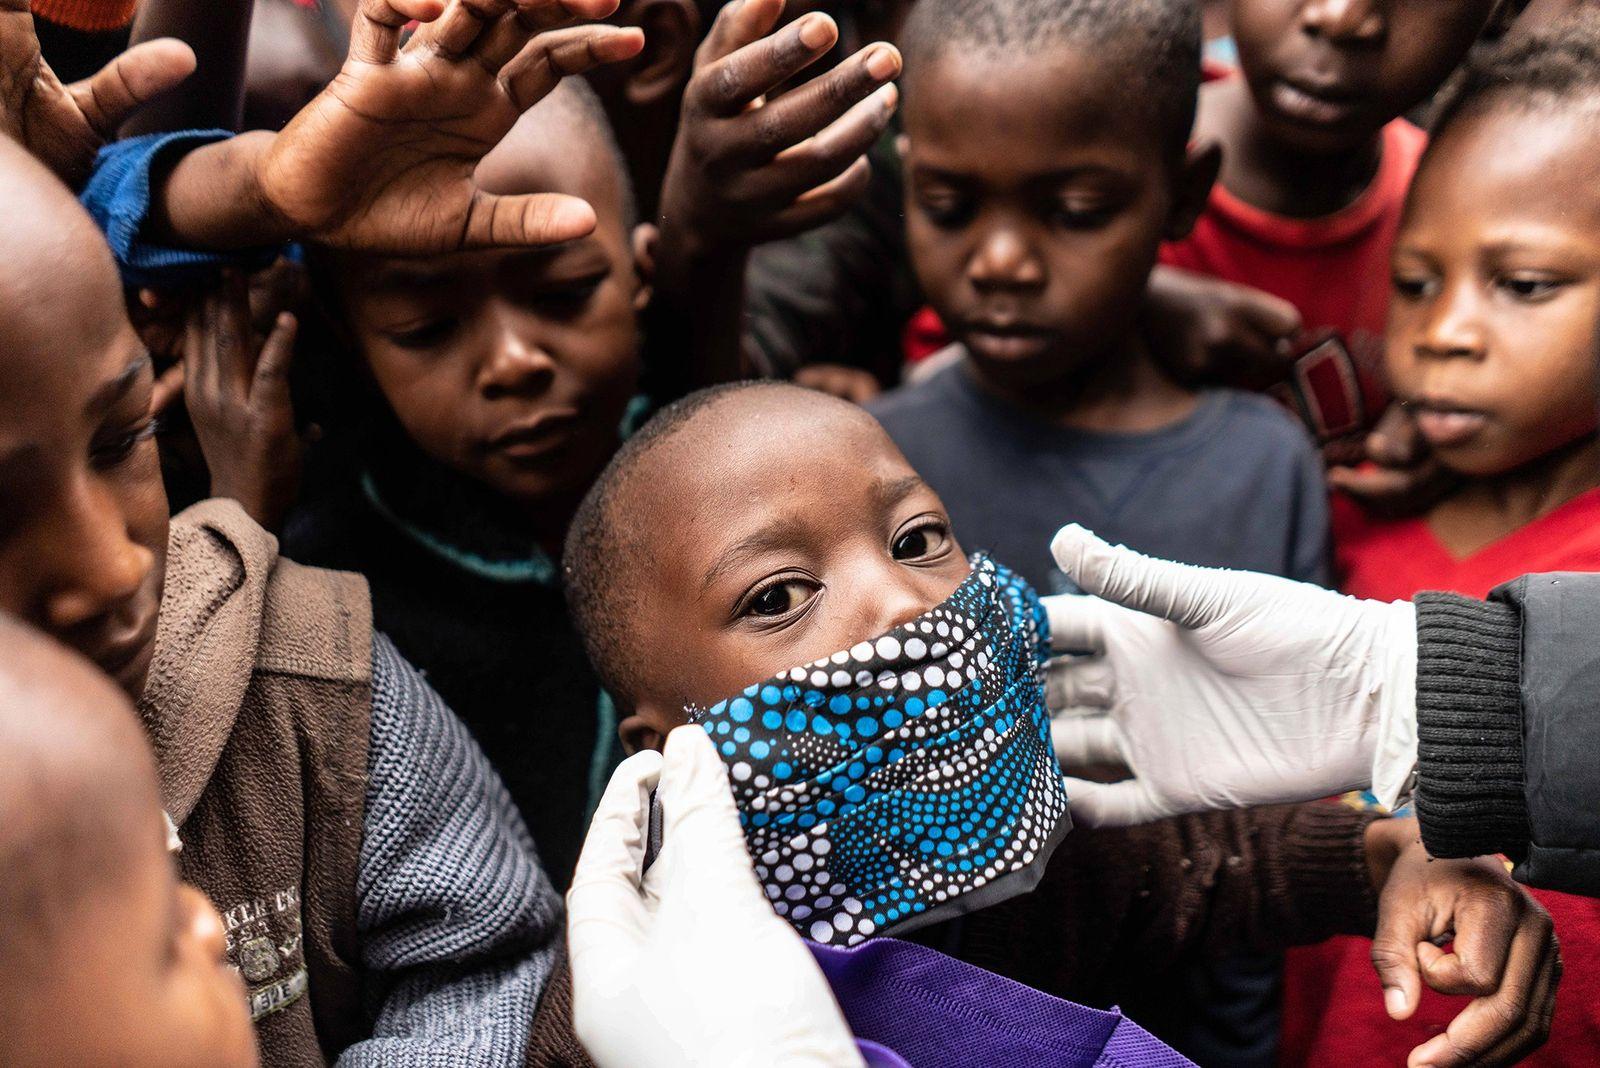 Covid-19: distribuir vacinas equitativamente evitaria centenas de milhares de mortes, diz relatório